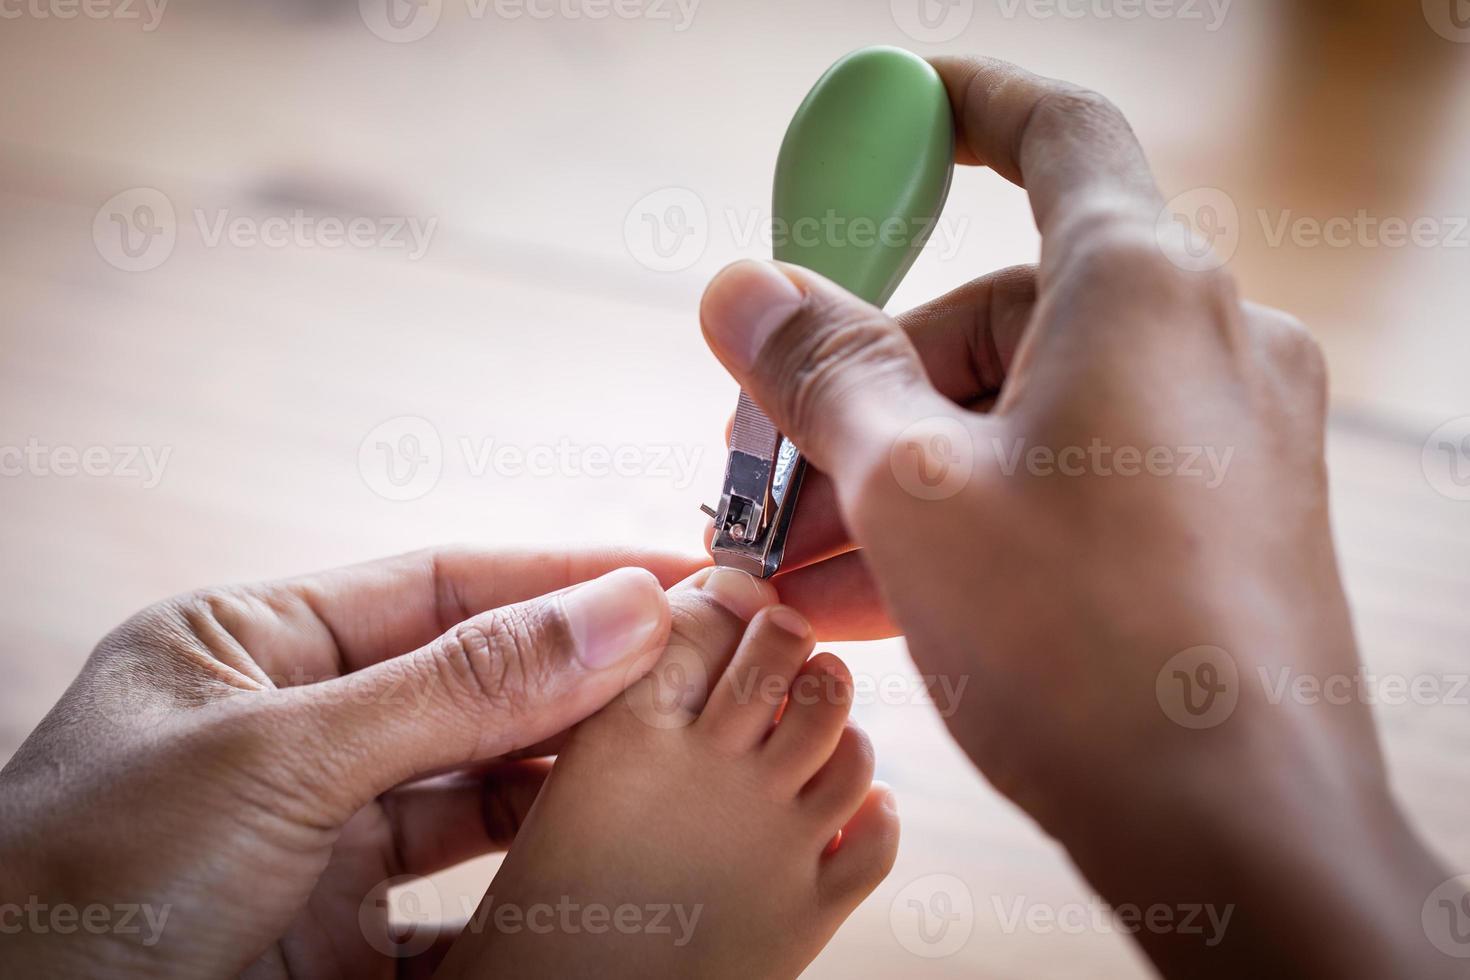 père coupant les ongles pour son bébé photo